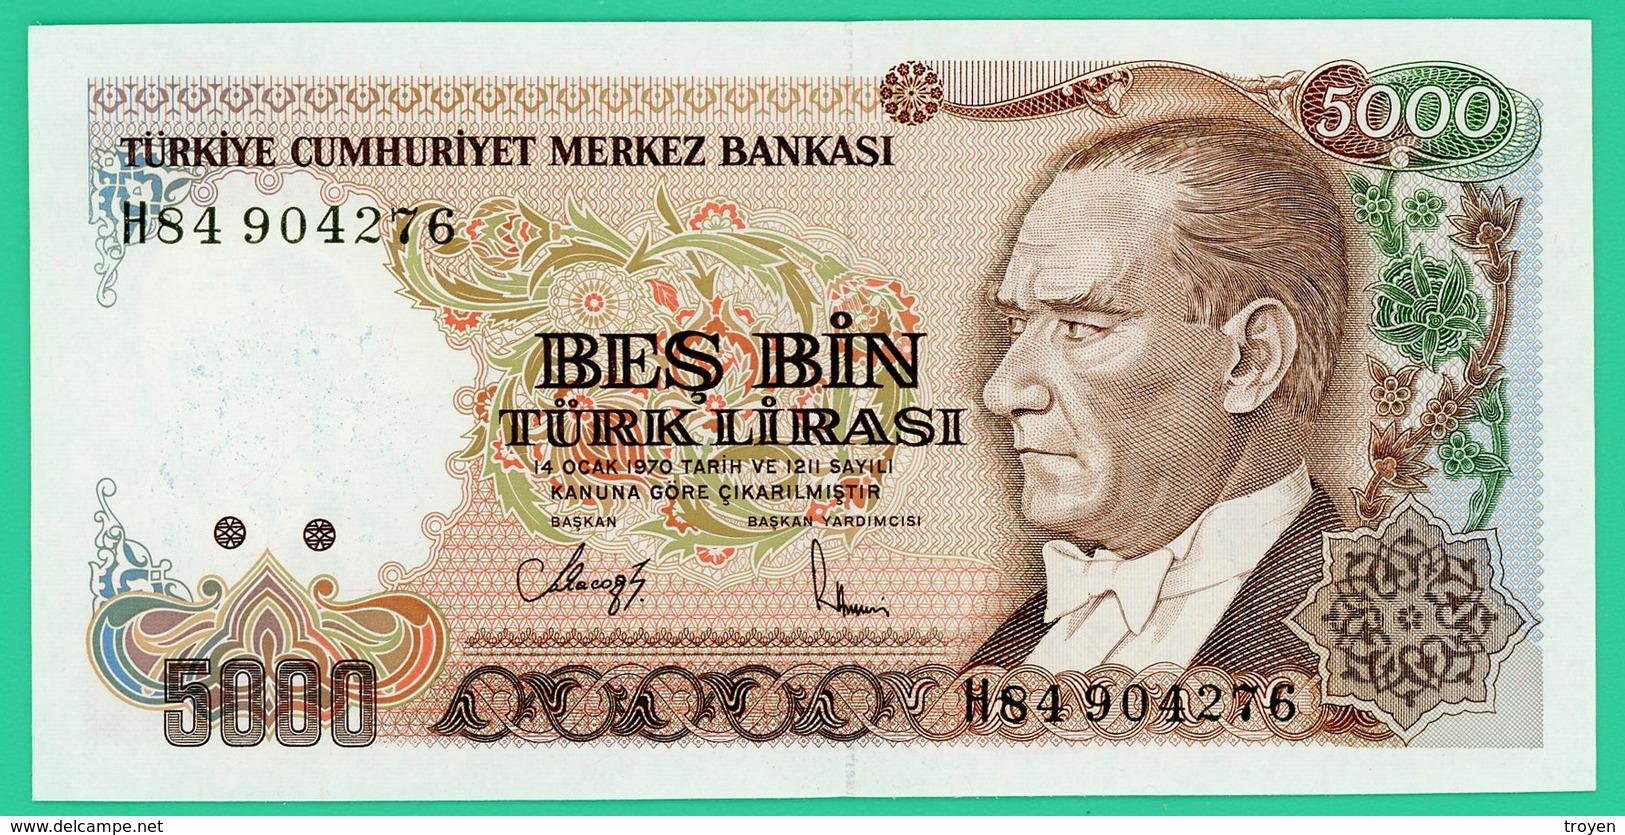 5000 Lira - Turquie - 1970 - N° H4904276 -  Neuf - - Turquie